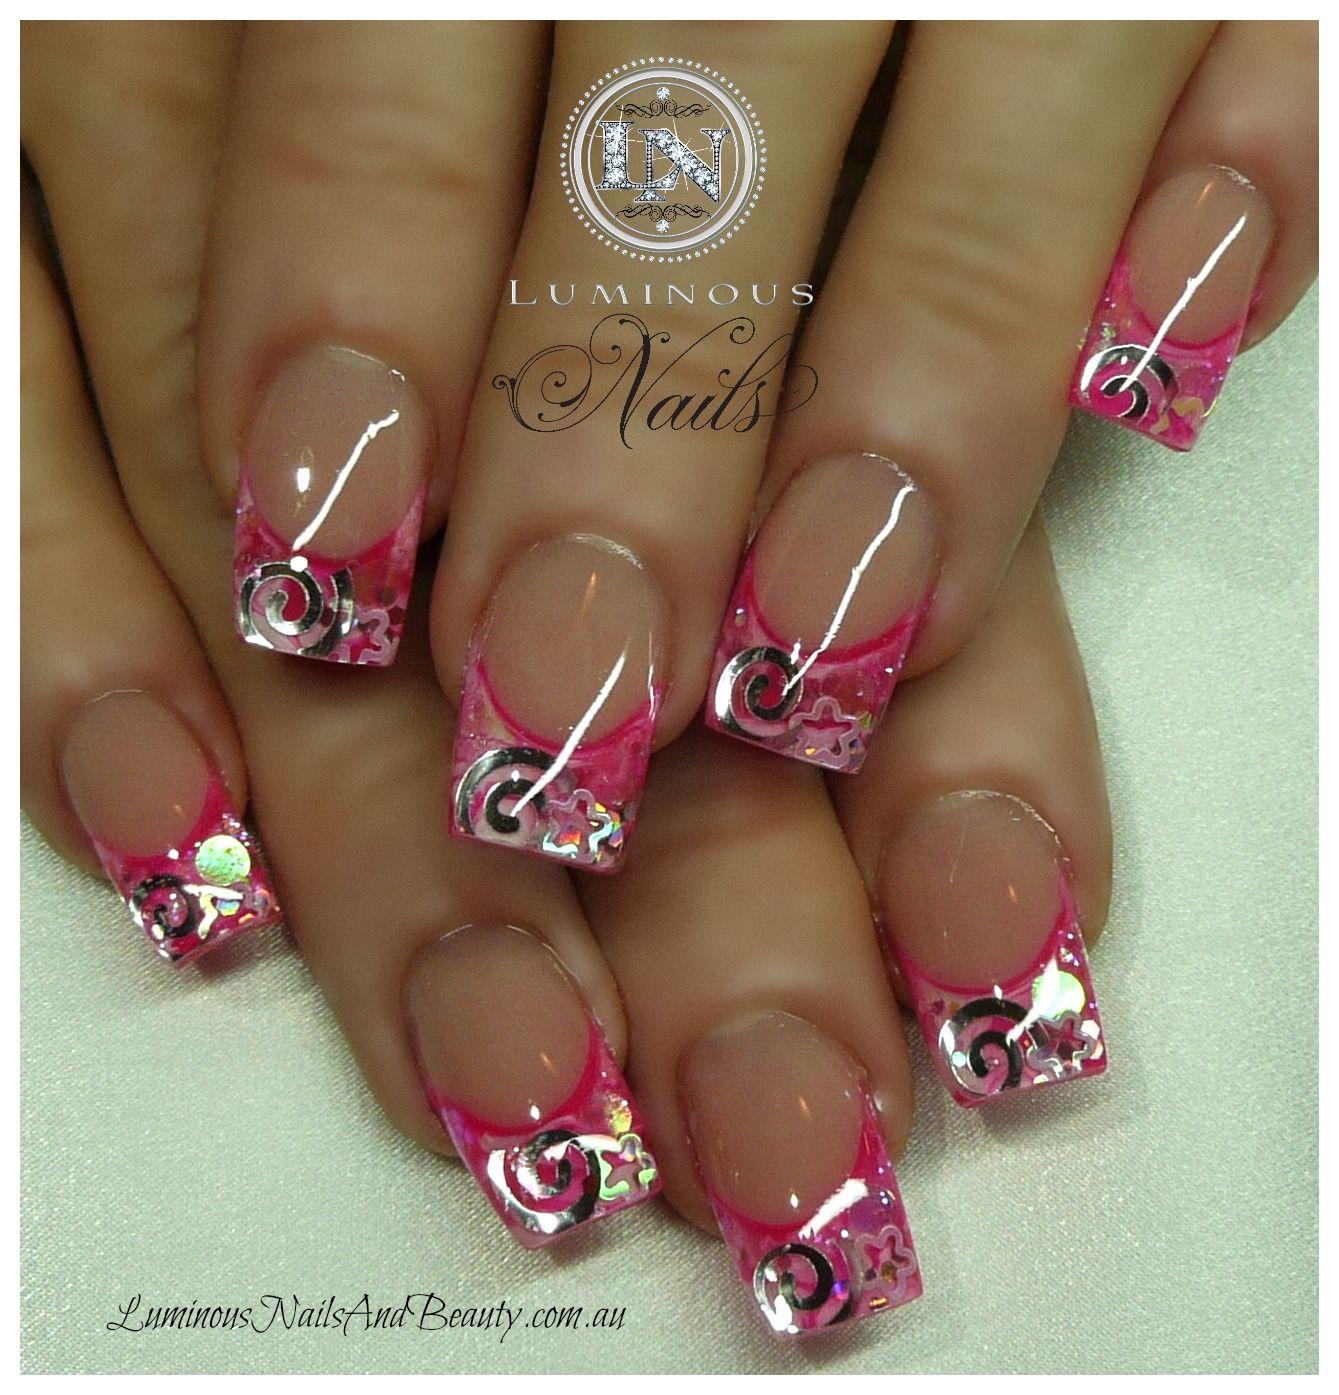 Hot Pink Acrylic Nails White Design - - See Beauty, Hair and Nail ...